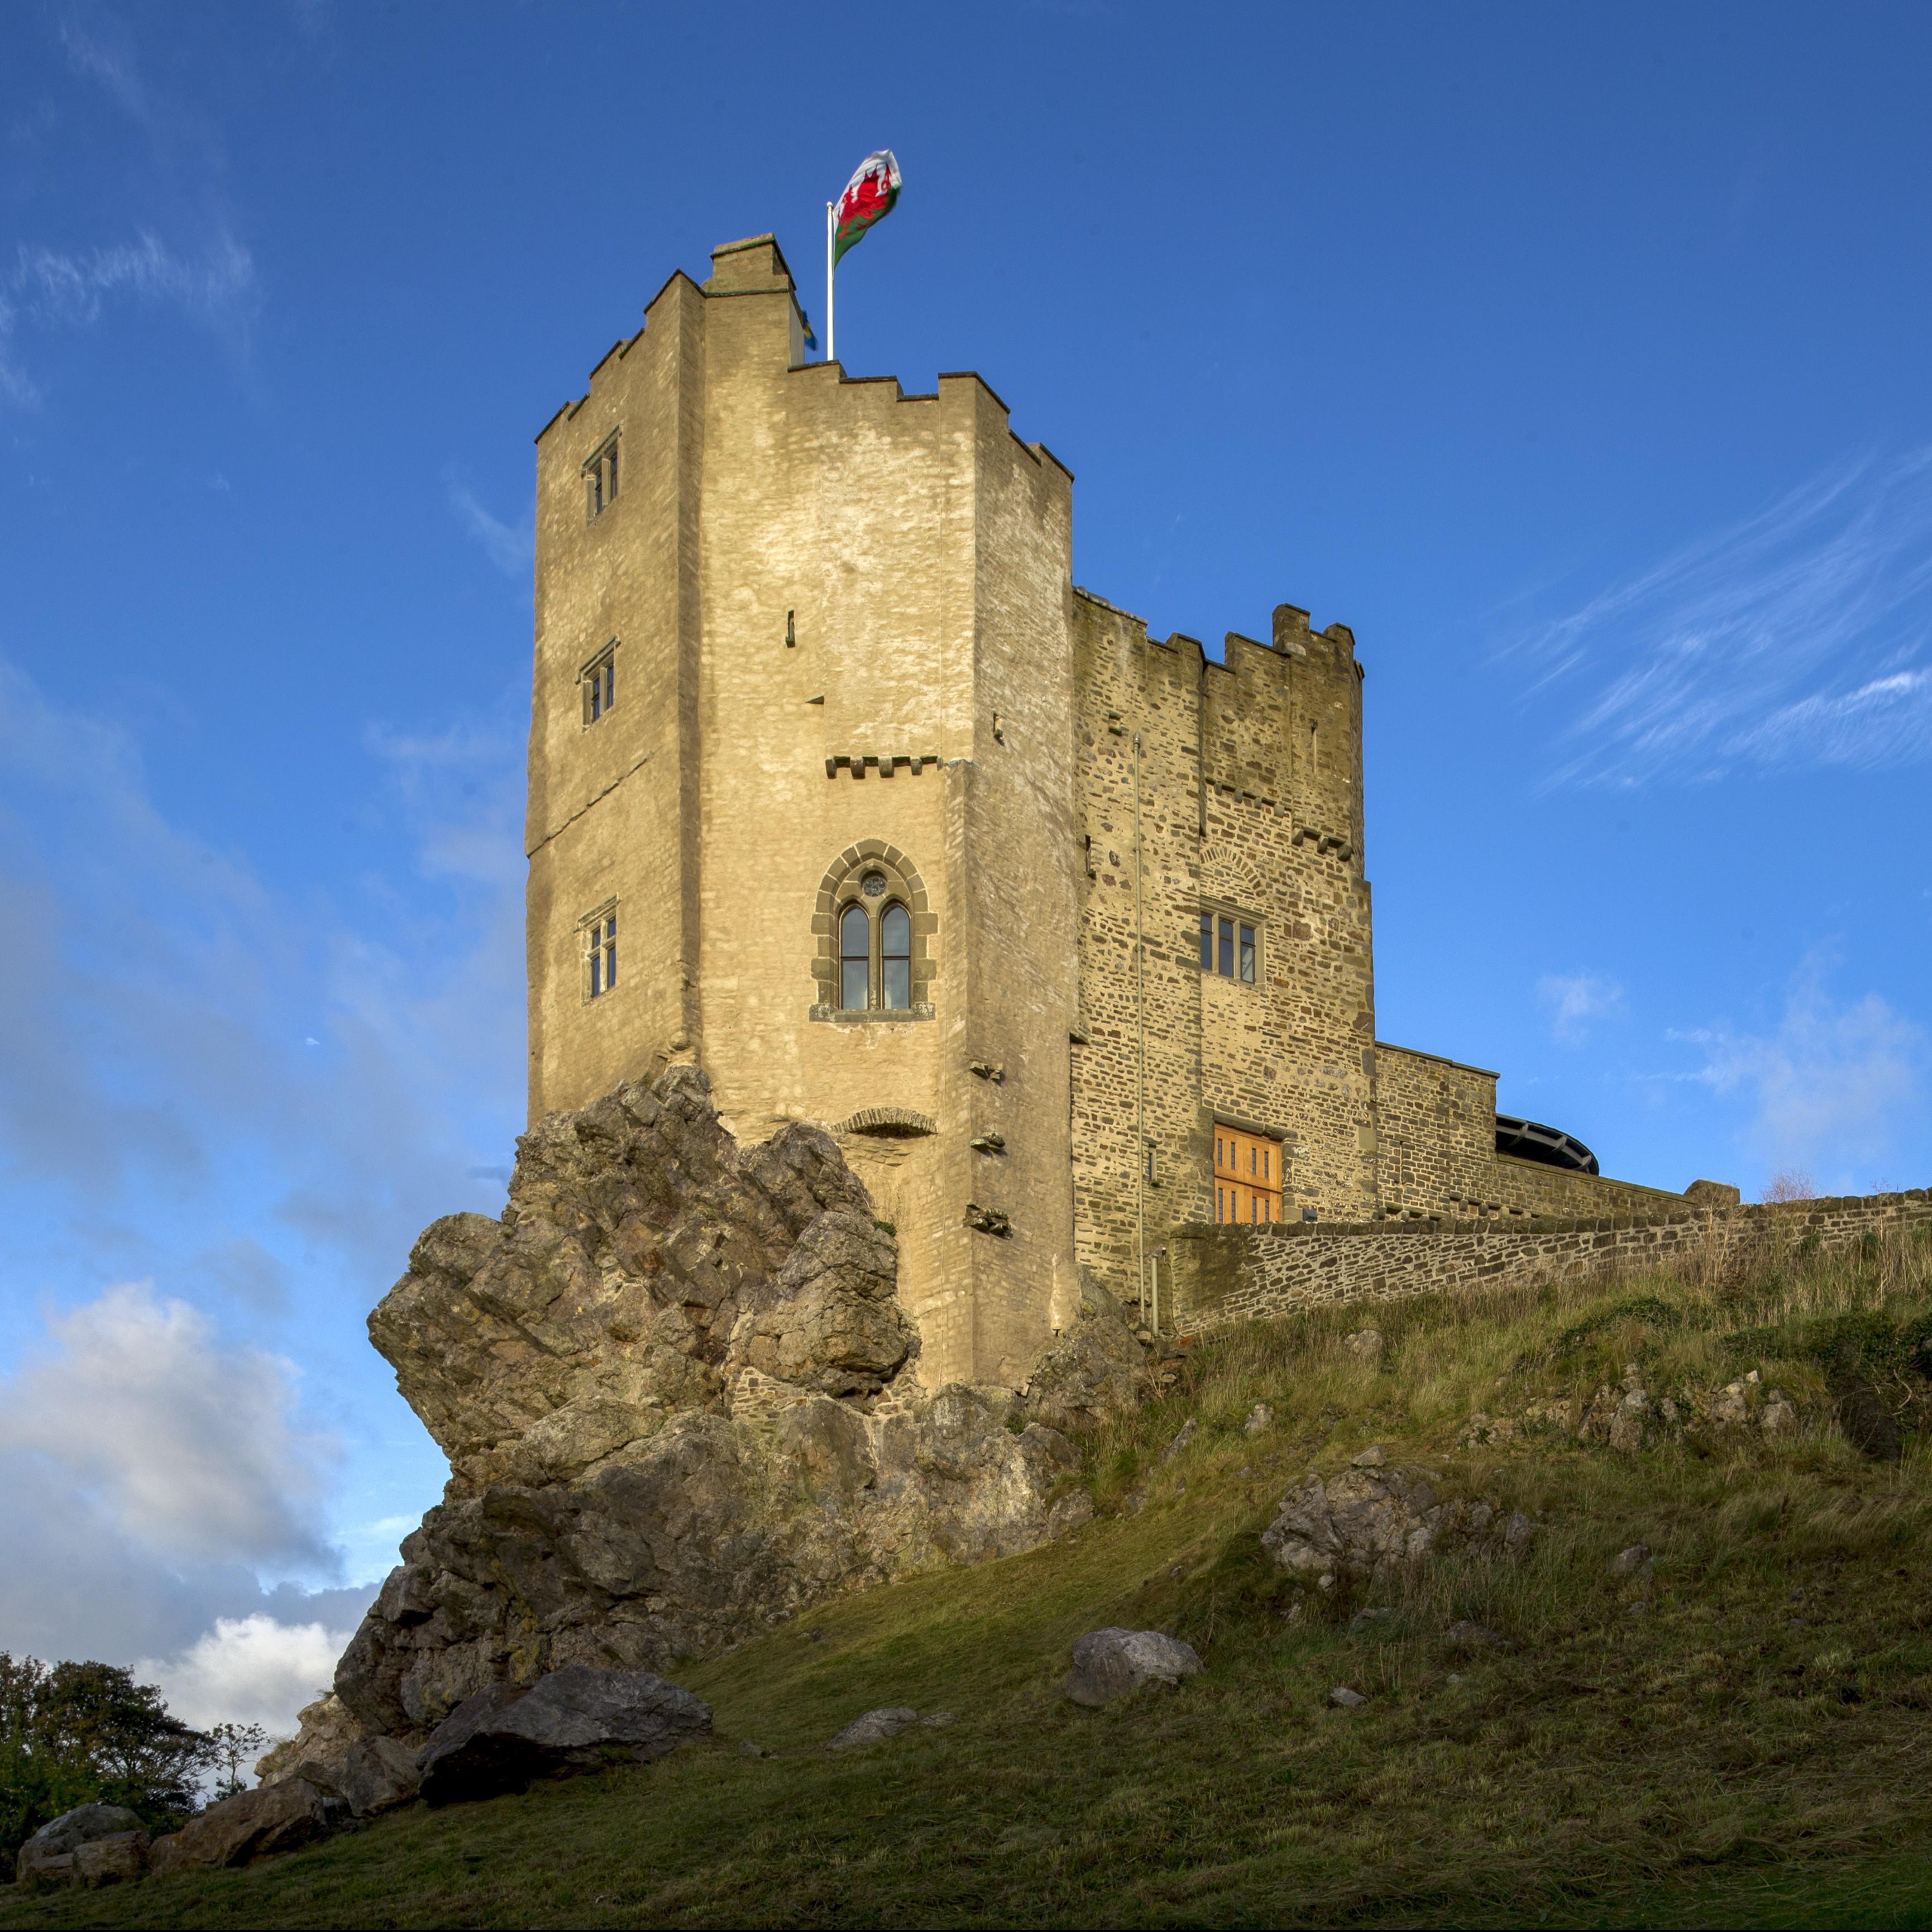 St. Davids, Wales. Roch Castle